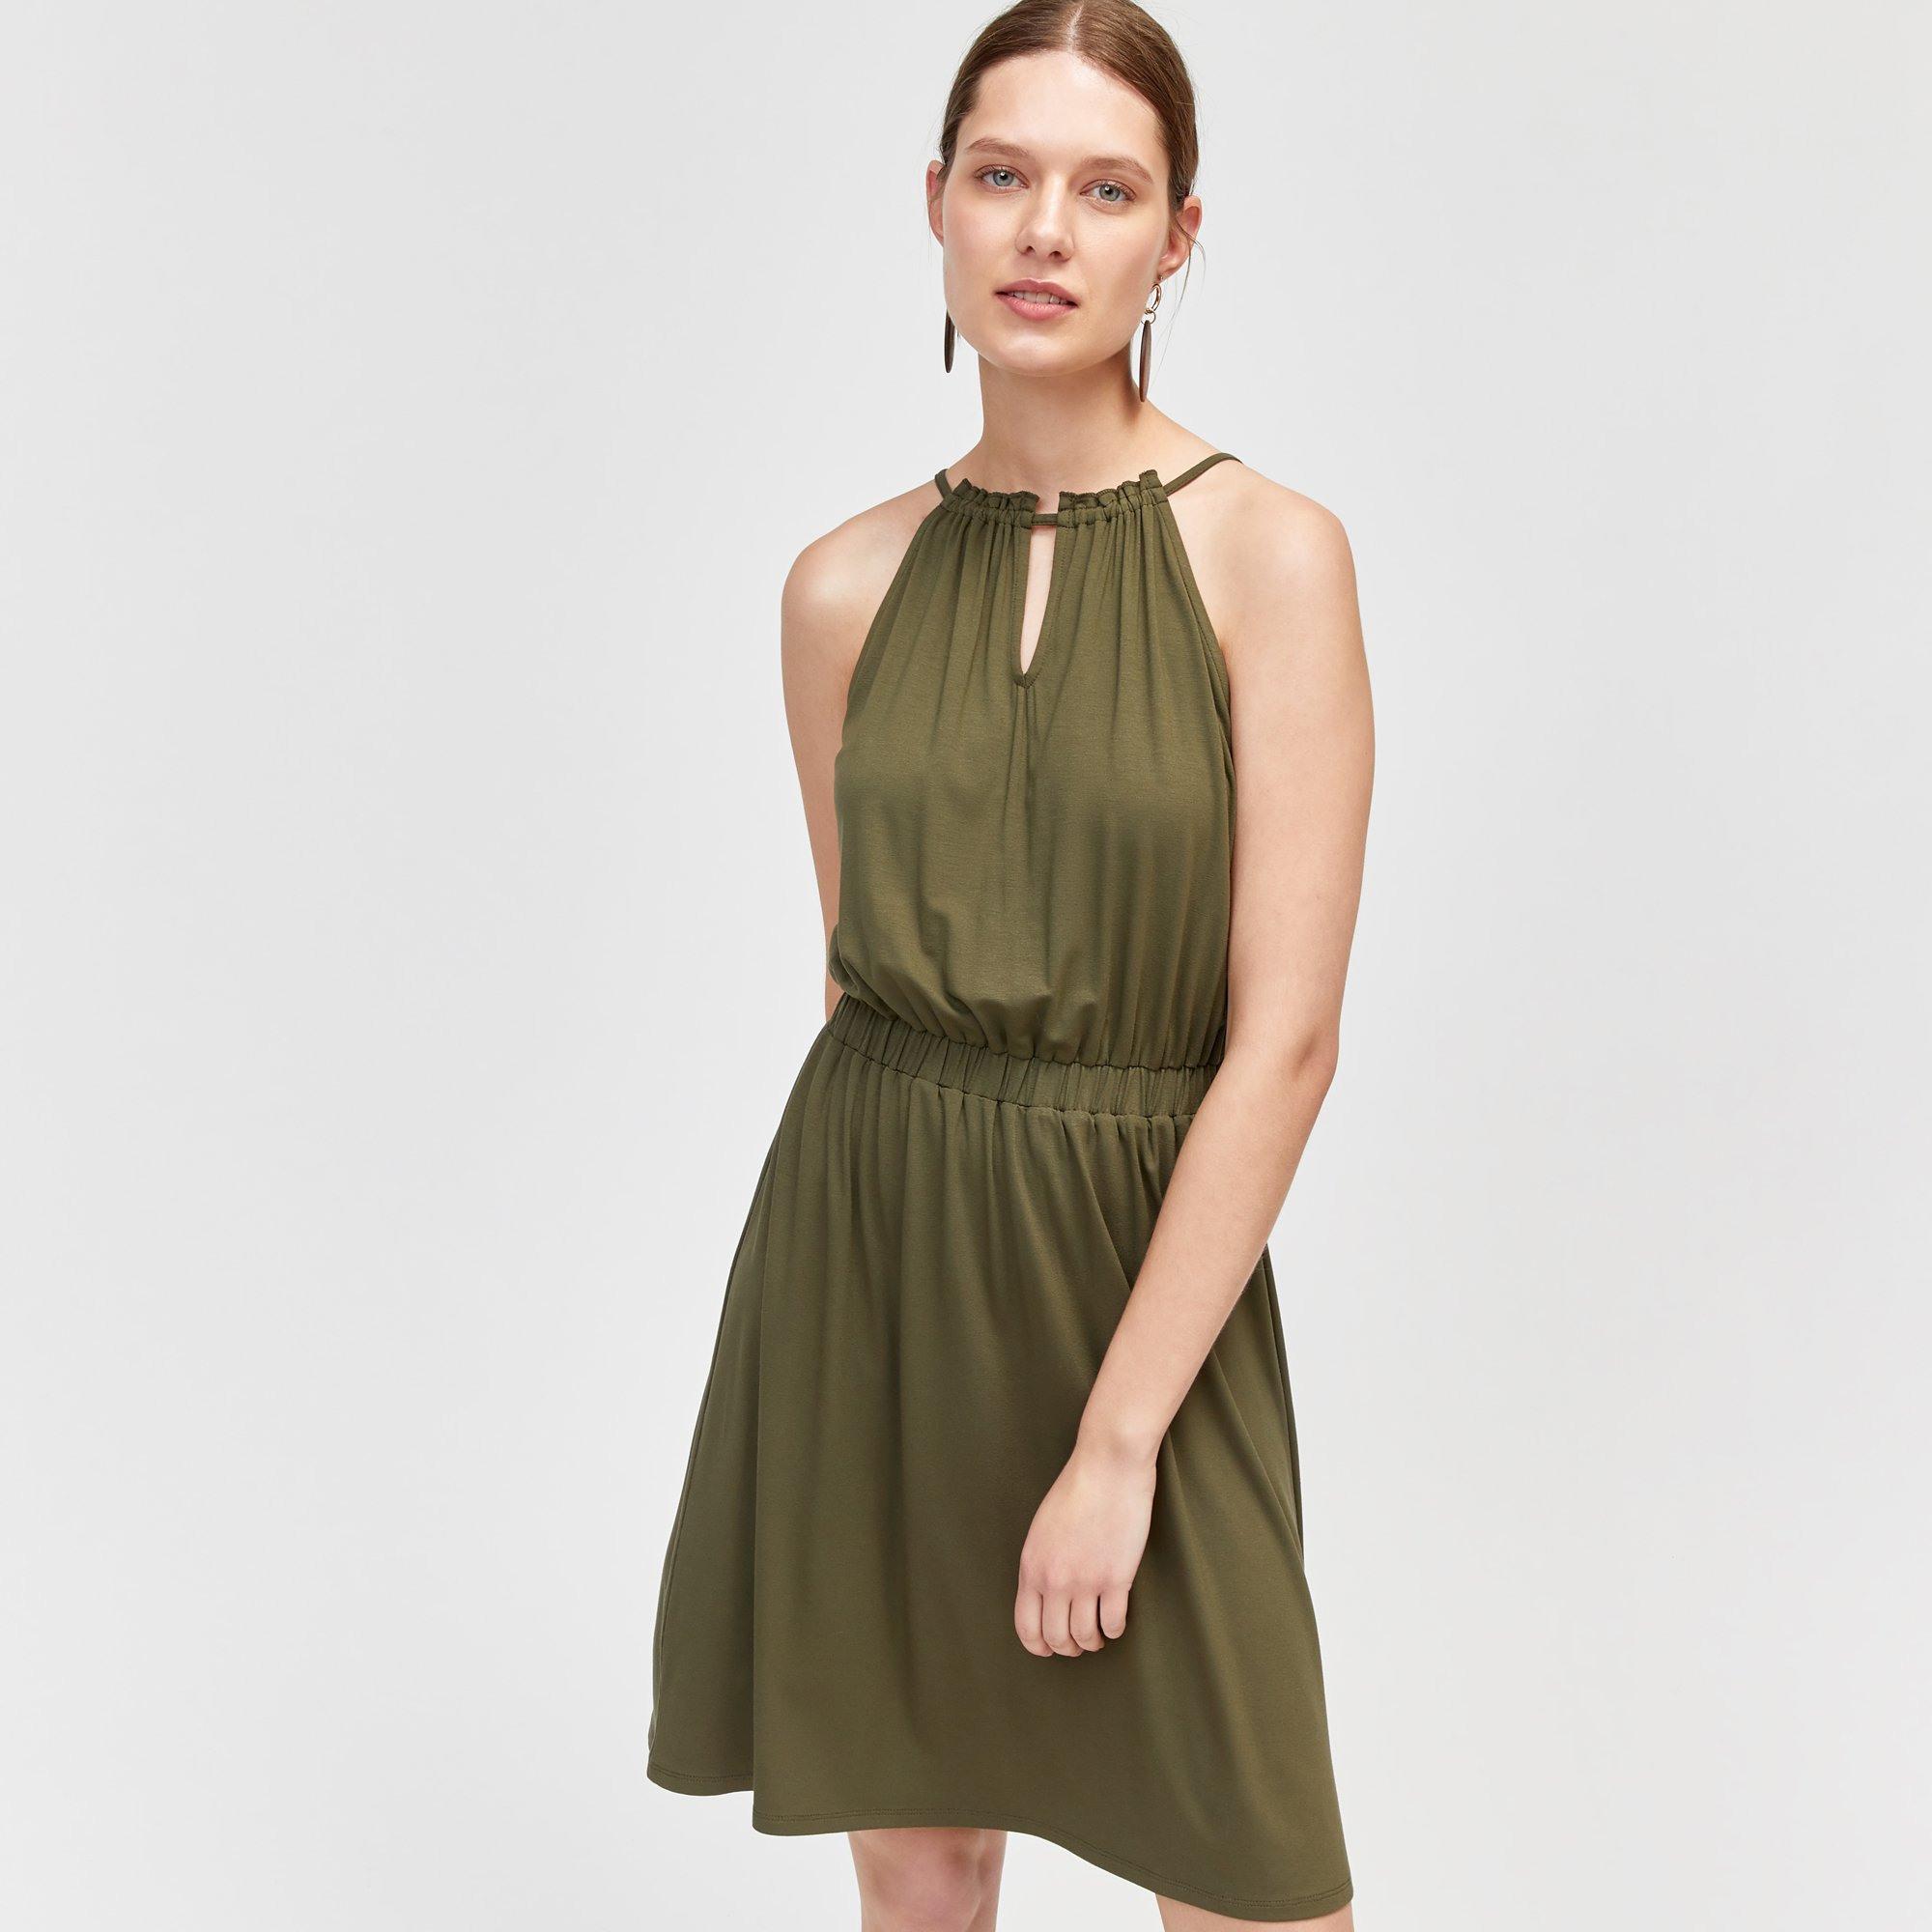 13 Fantastisch Neckholder Kleid Ärmel10 Cool Neckholder Kleid für 2019